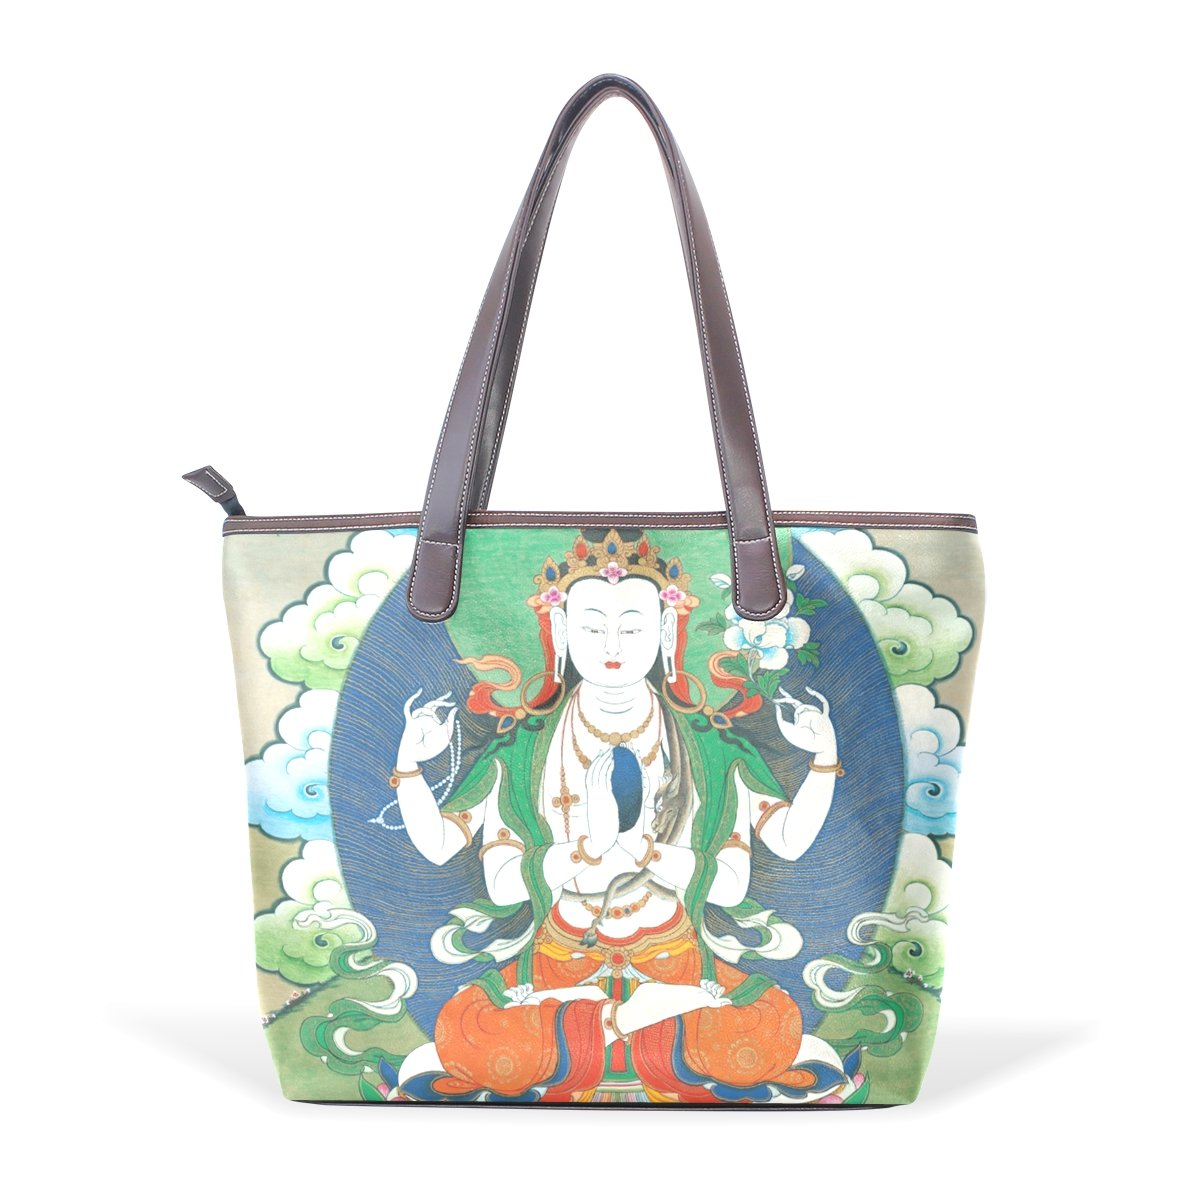 Vintage Distressed Tibetan Buddhist Thangka Womens Fashion Large Tote Ladies Handbag Shoulder Bag